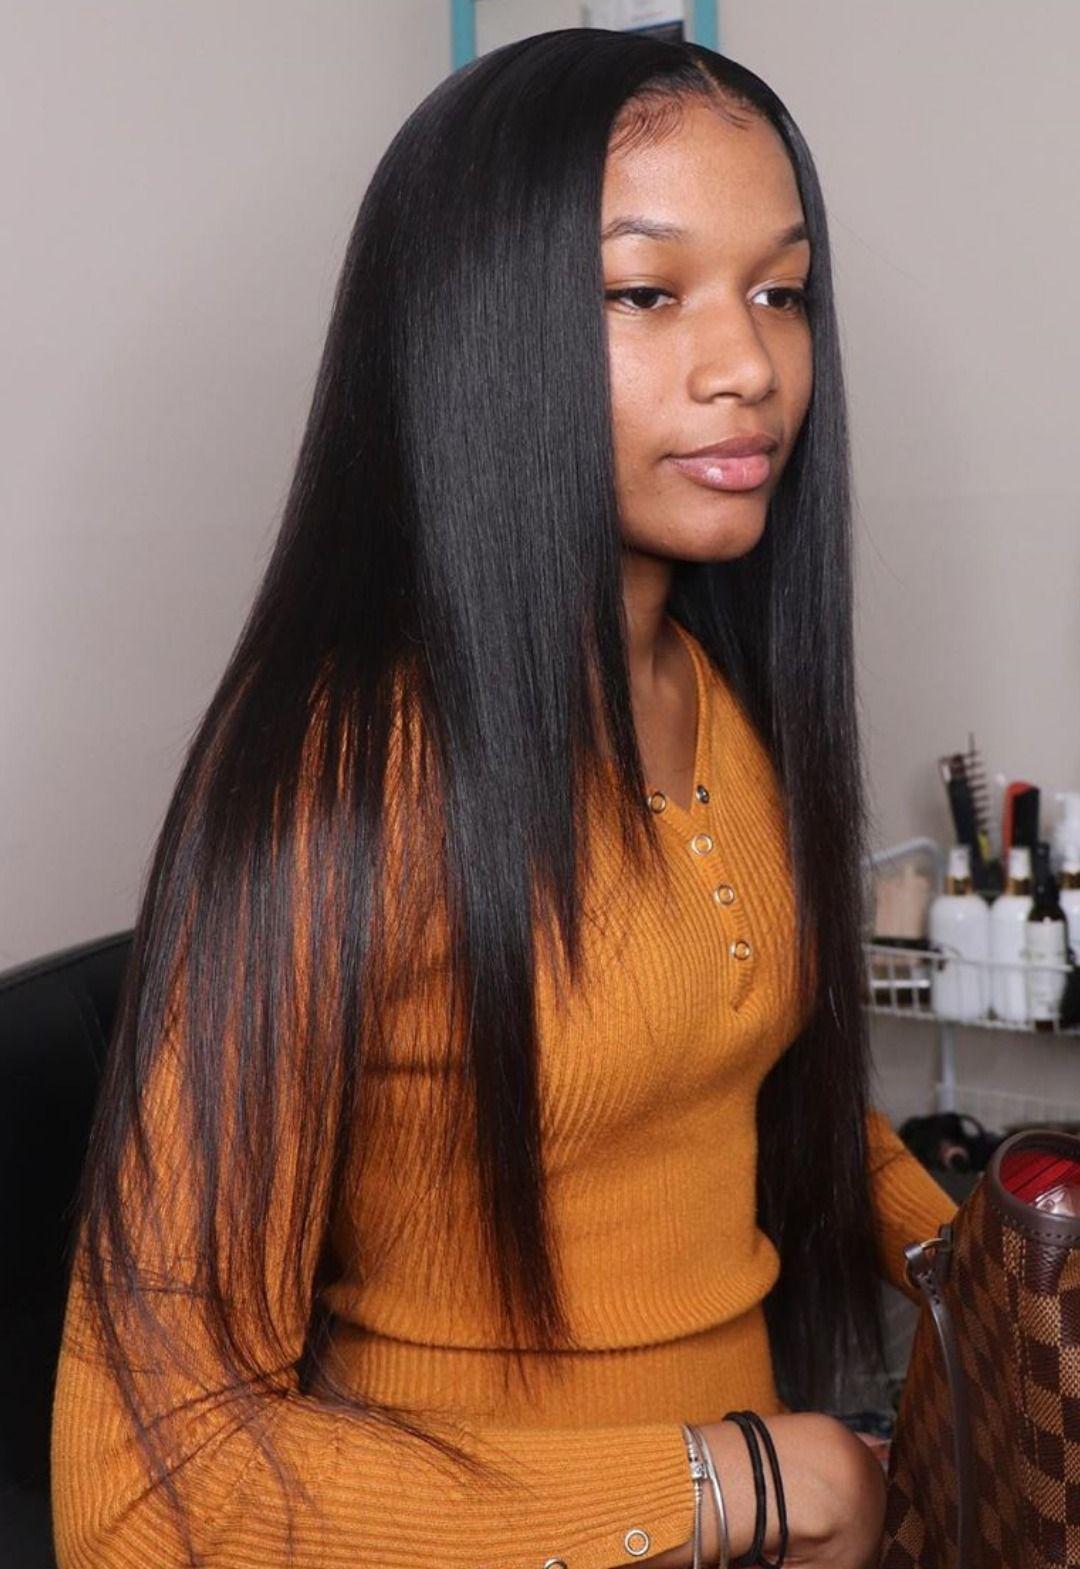 Thriving Hair 9A Top Virgin Human Hair Silky Straight 13x6